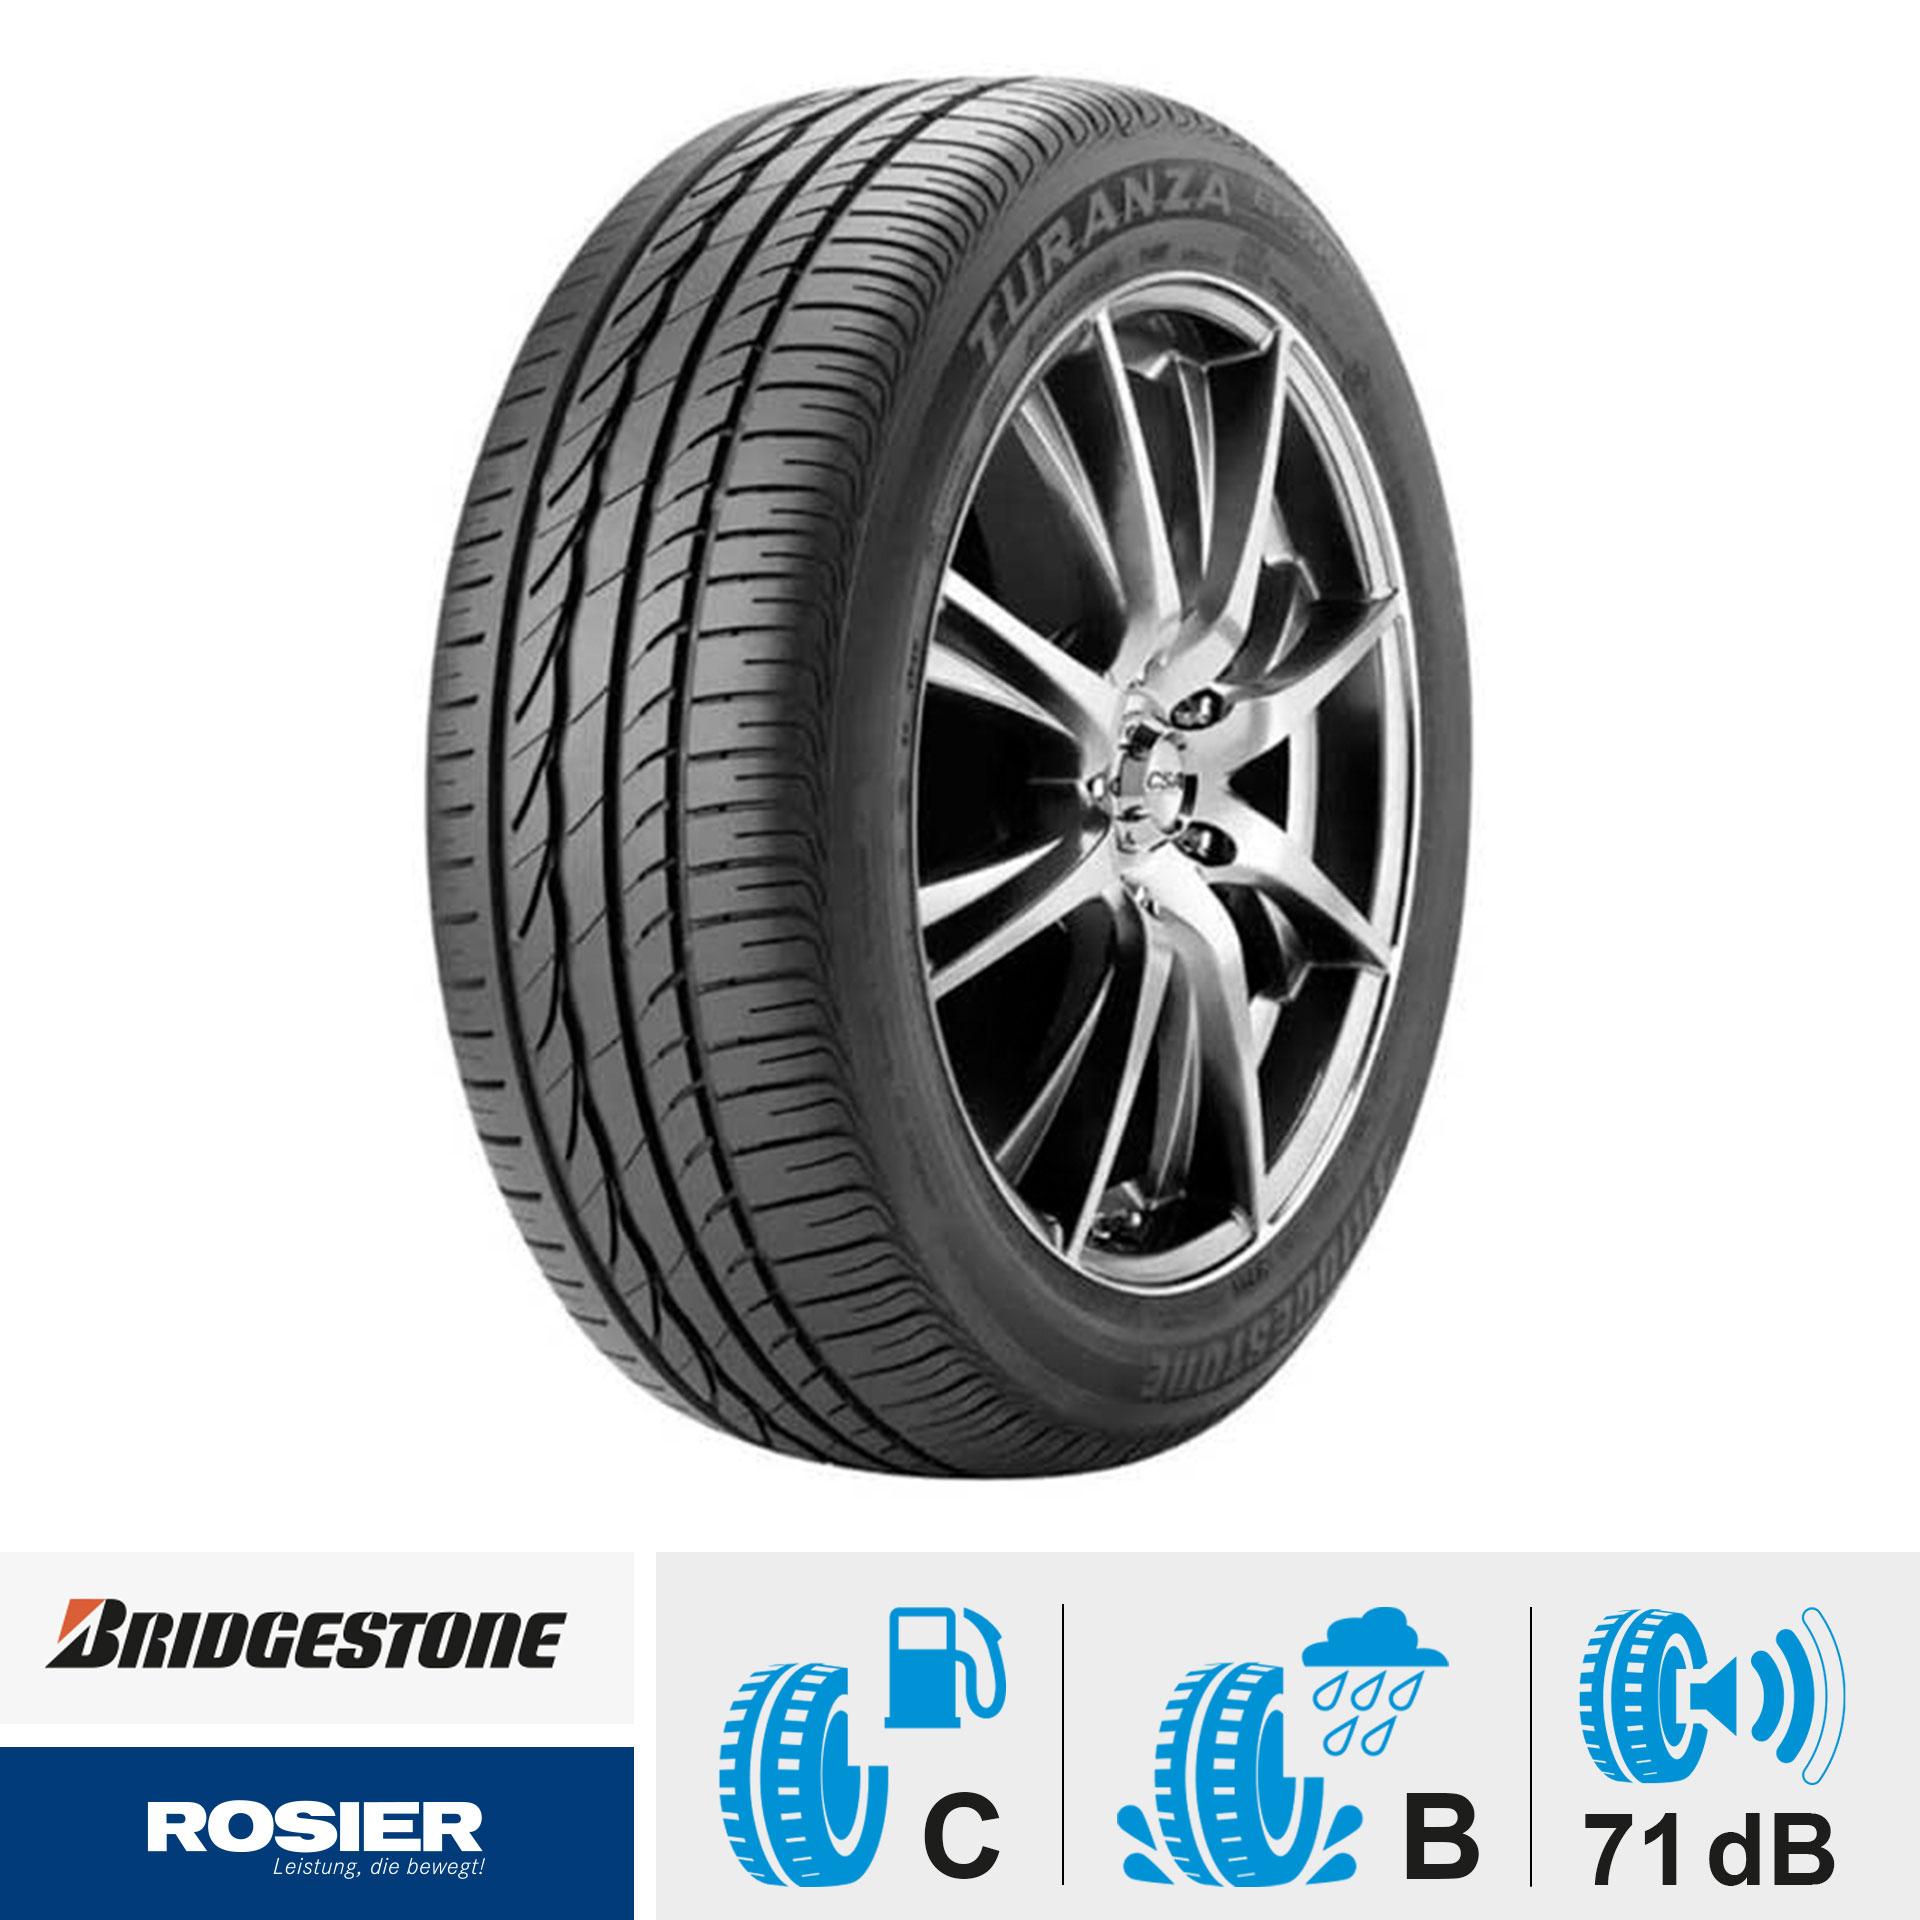 Bridgestone Turanza ER300 MO. - Sommerreifen